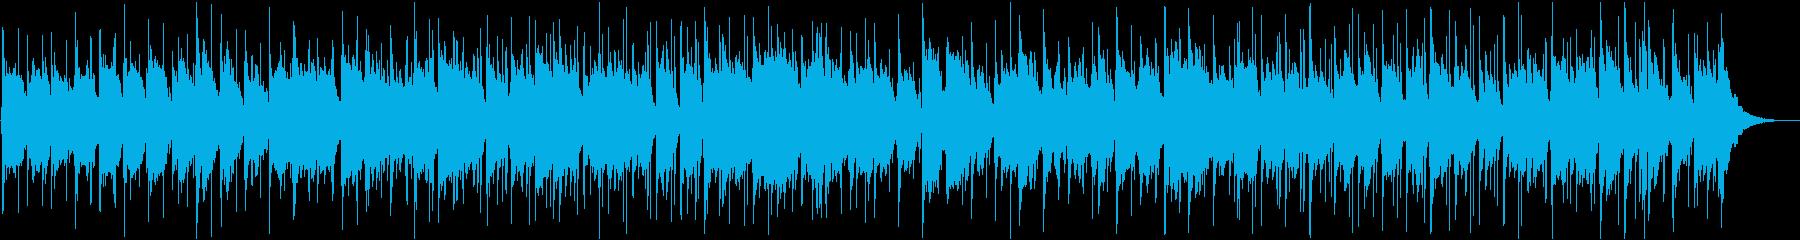 夏の切ない美しいカントリーポップバラードの再生済みの波形